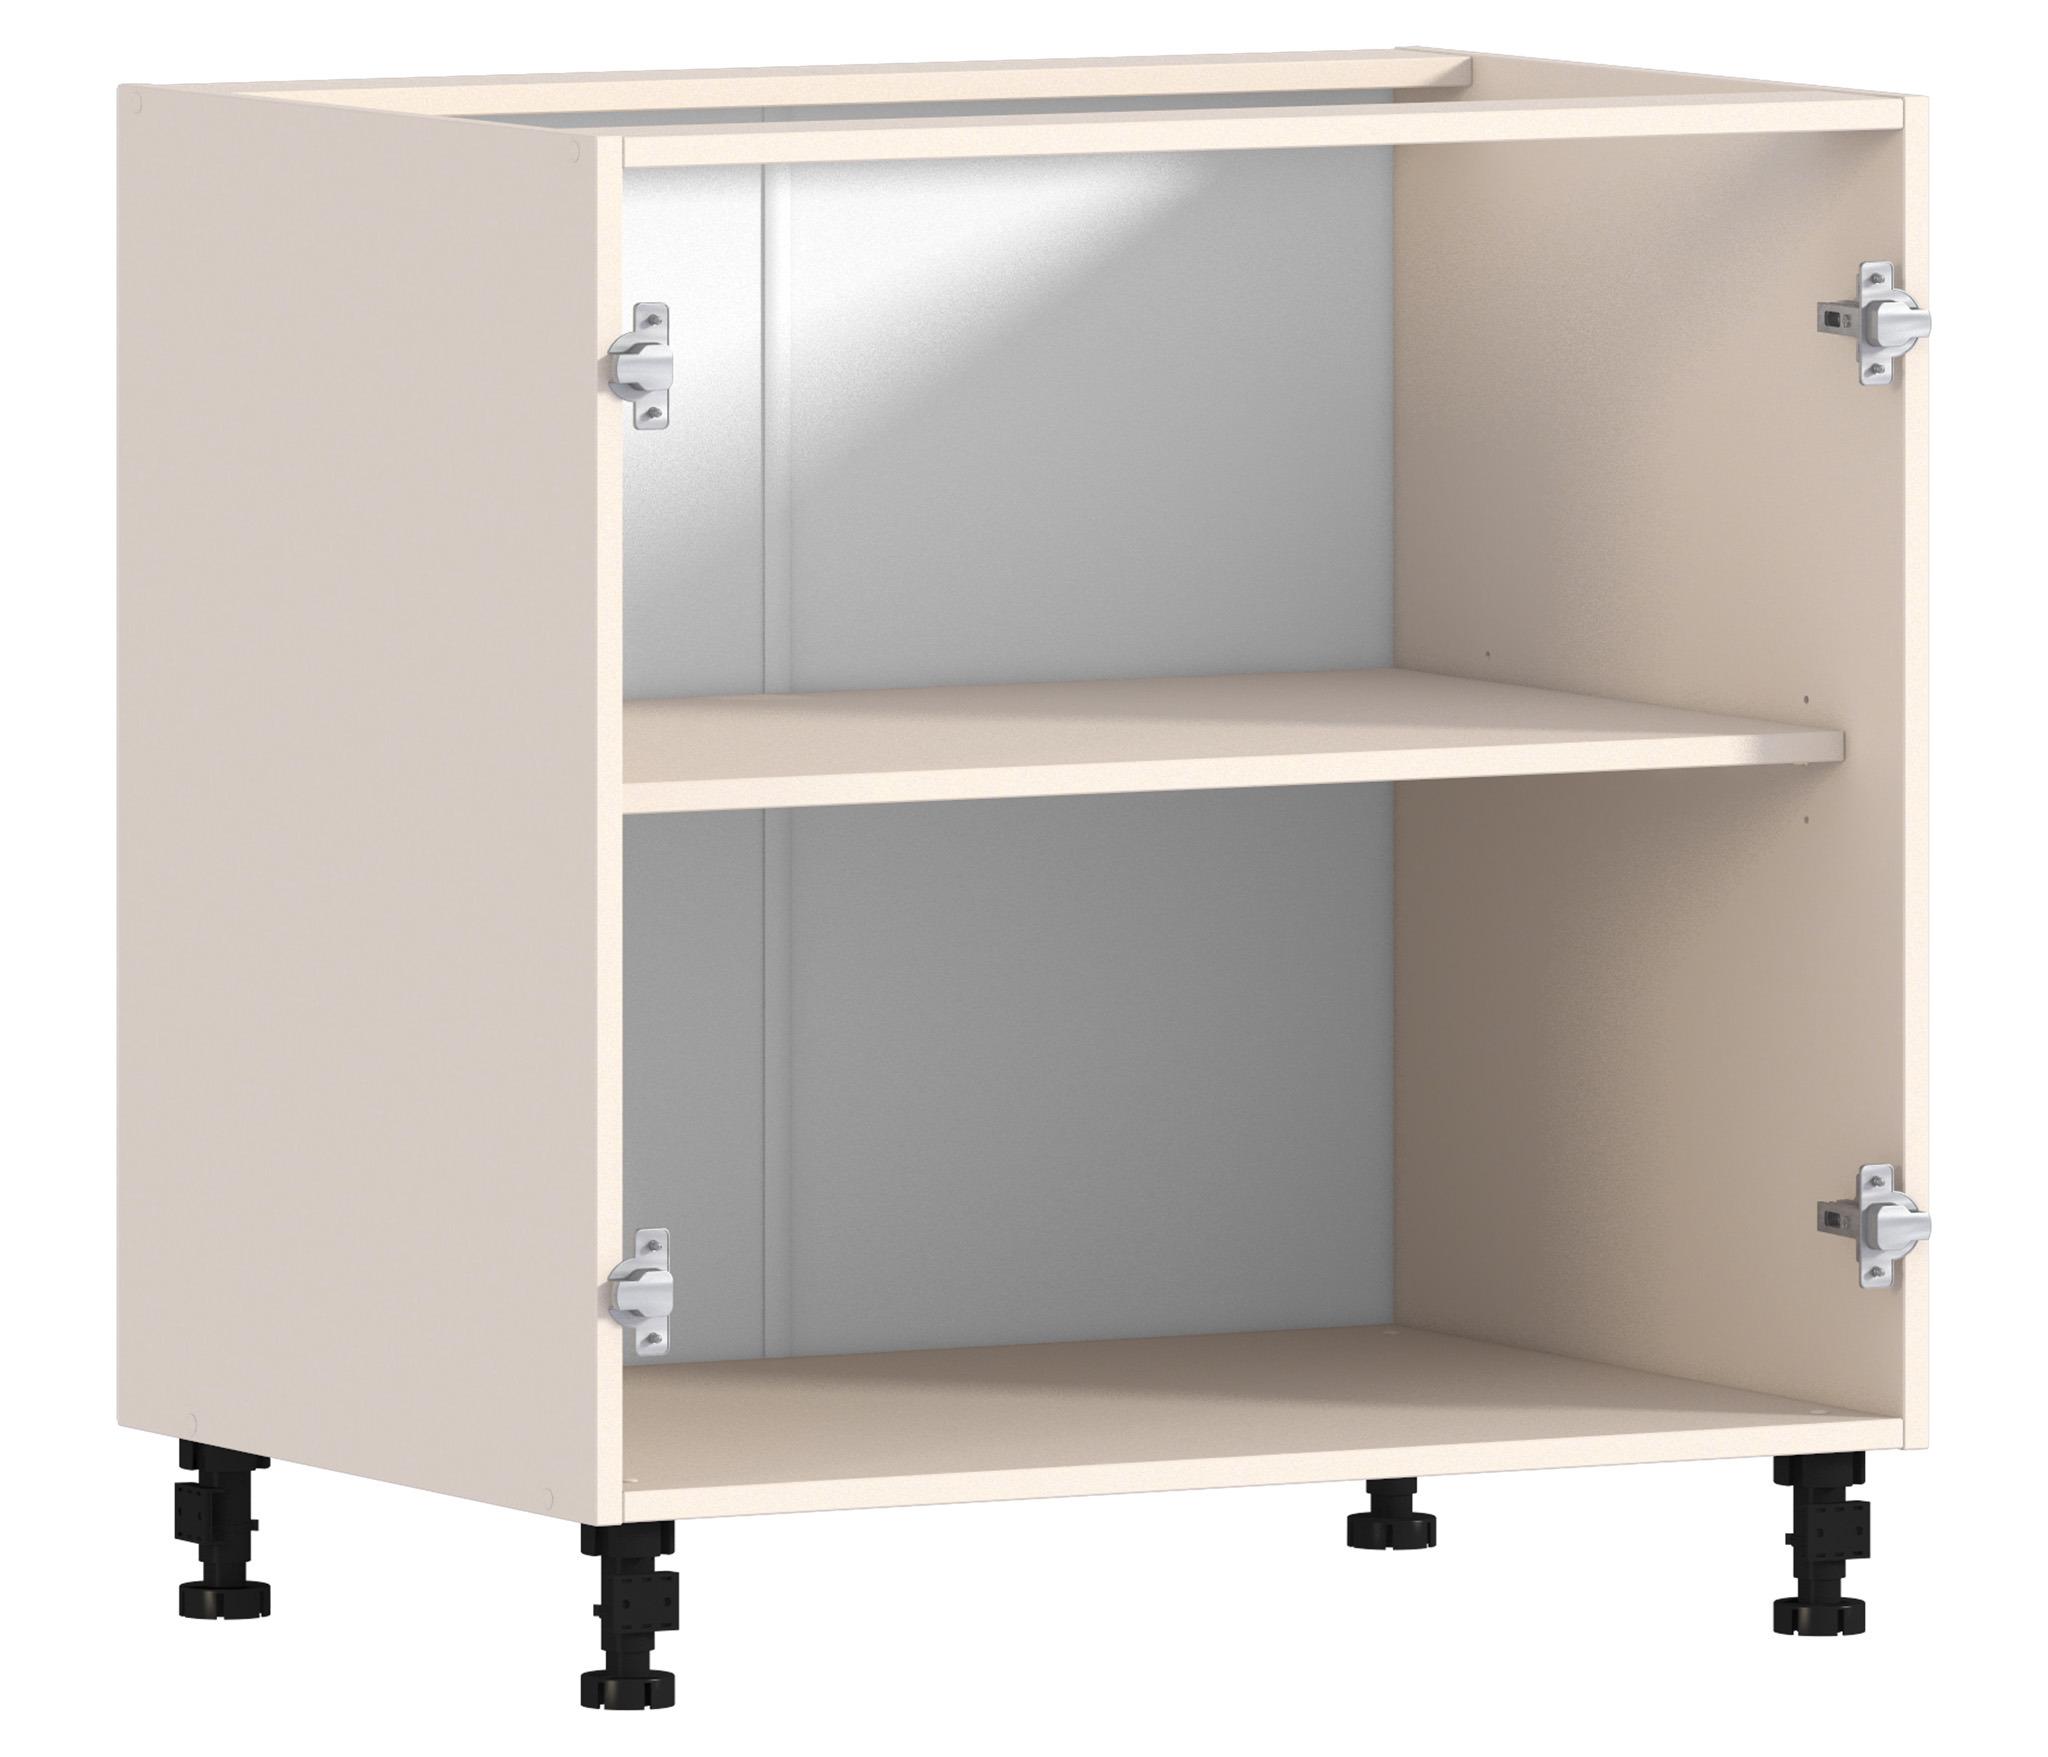 Регина РС-80 Шкаф-Стол мойка 800Мебель для кухни<br>Широкая и удобная конструкция — основа для шкафа-мойки.<br><br>Длина мм: 800<br>Высота мм: 820<br>Глубина мм: 563